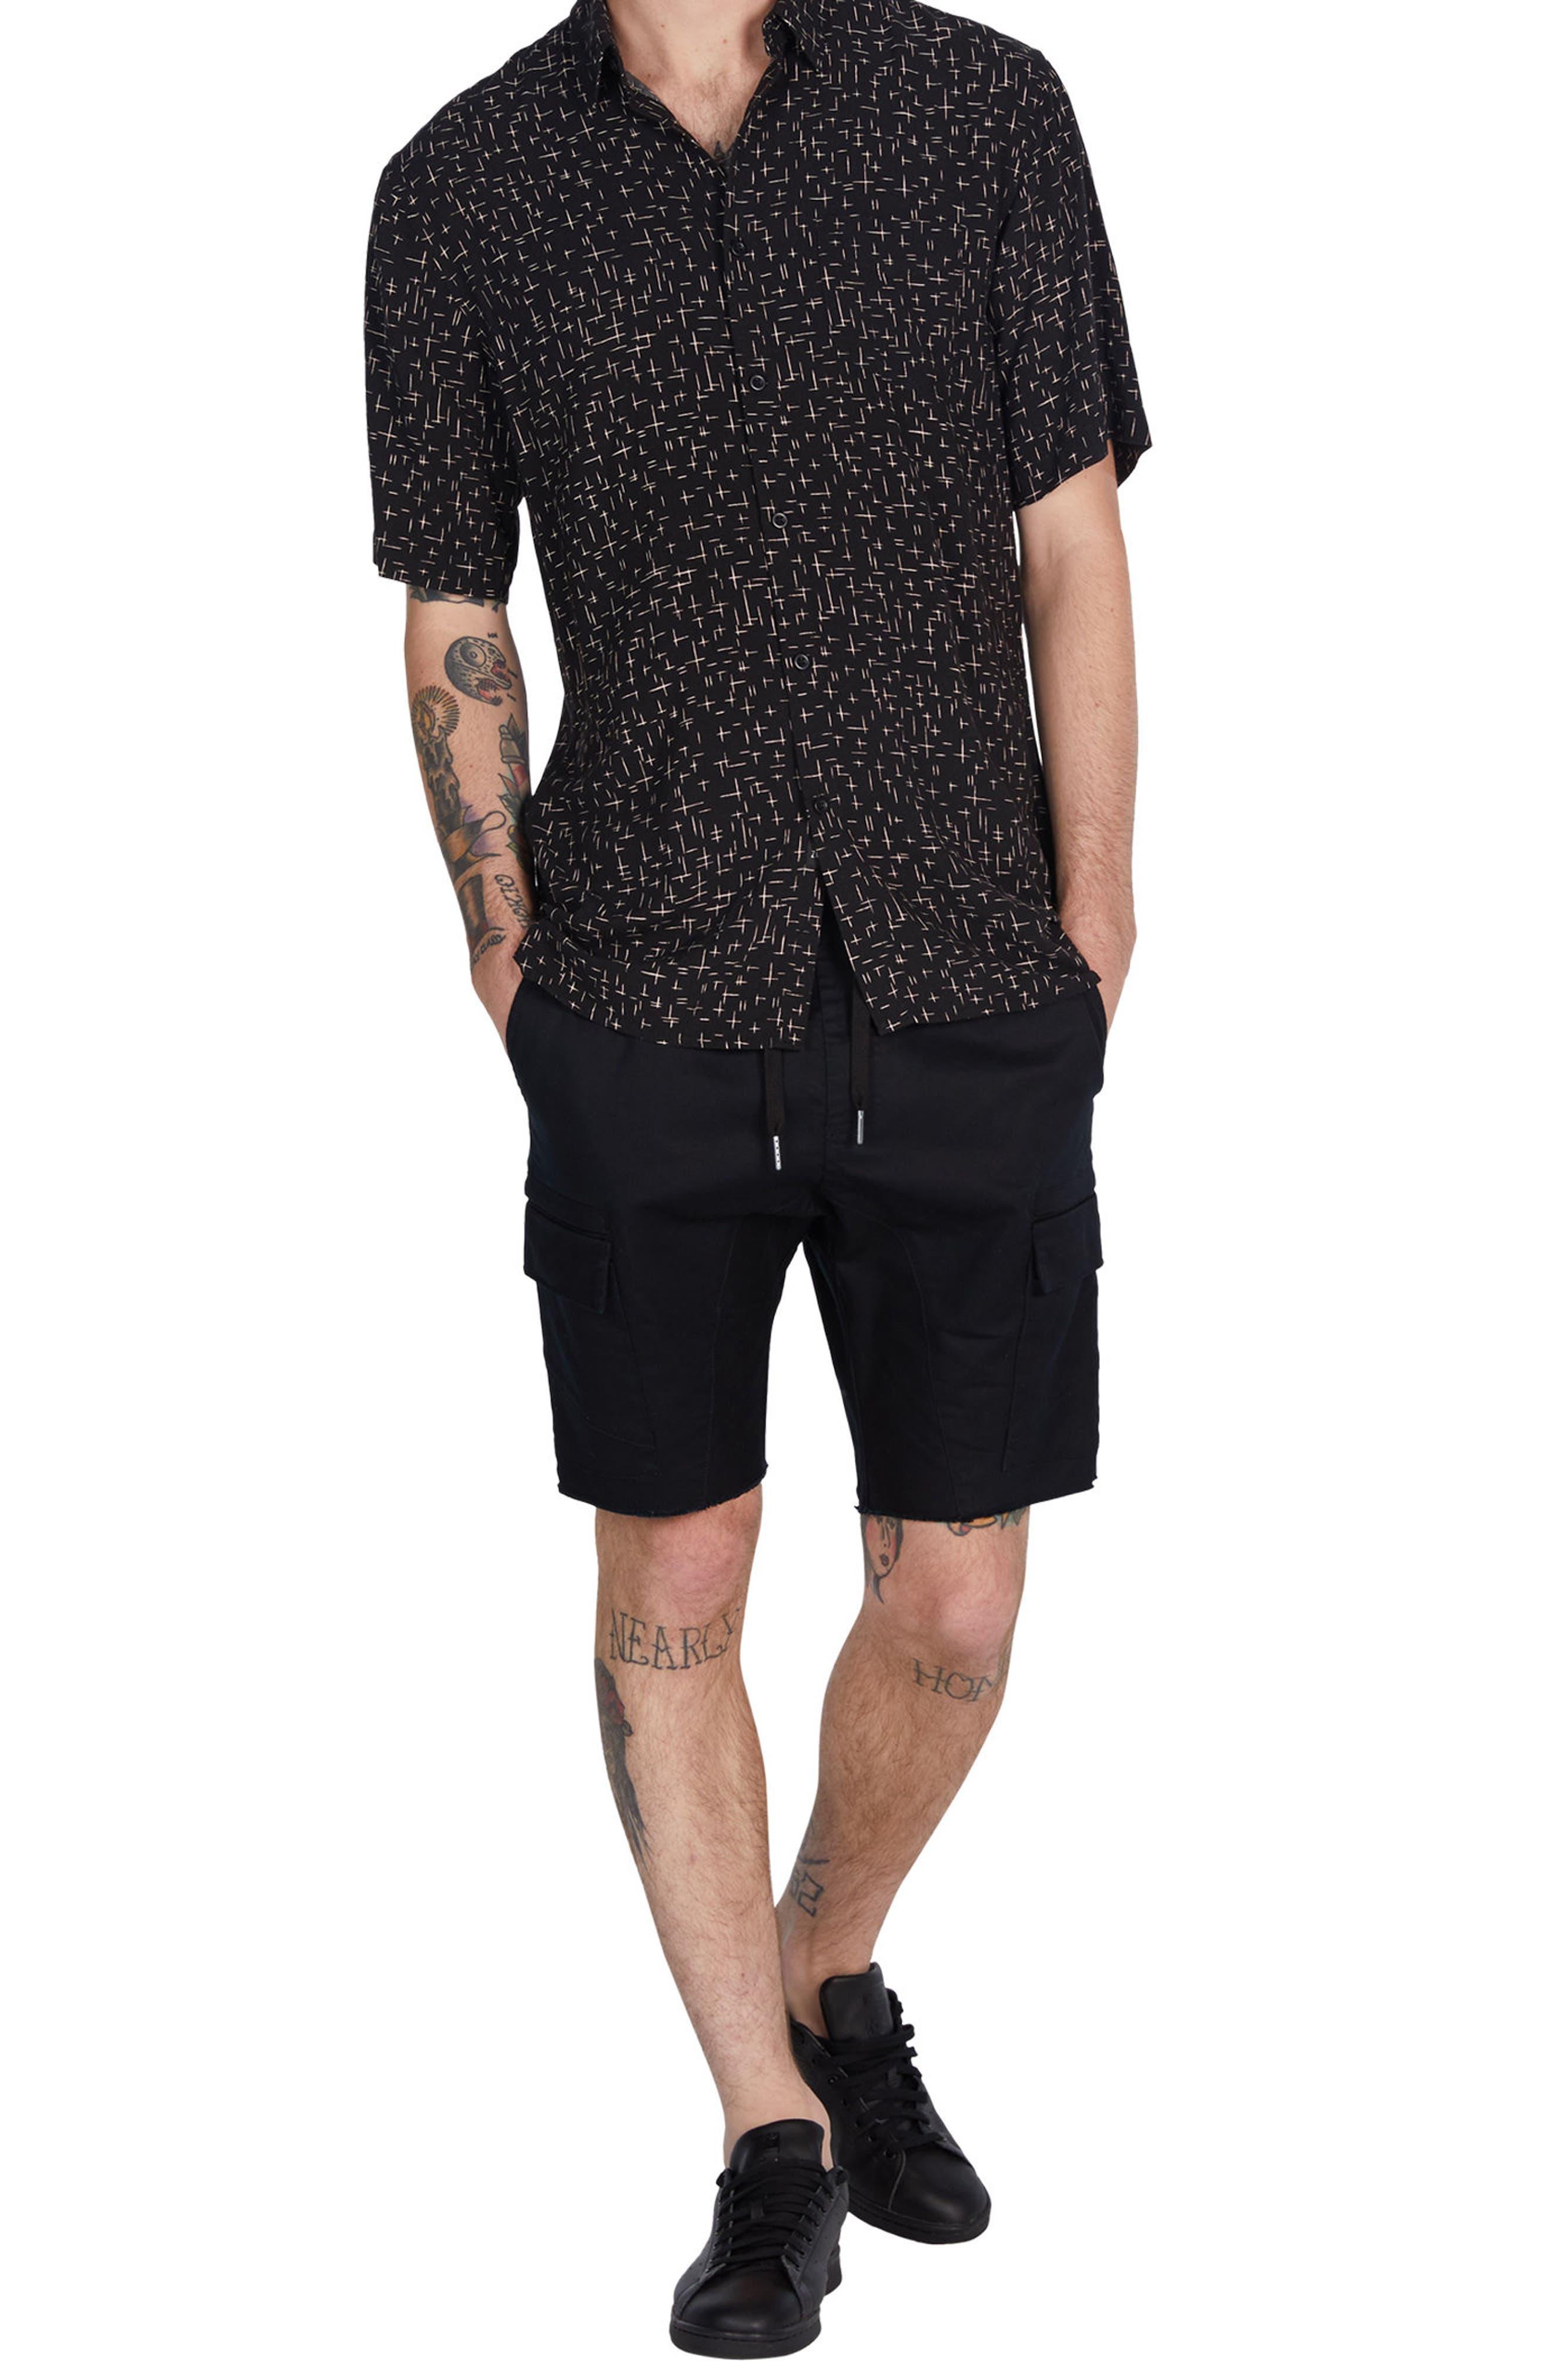 XCross Box Shirt,                             Alternate thumbnail 5, color,                             Black/ Quartz